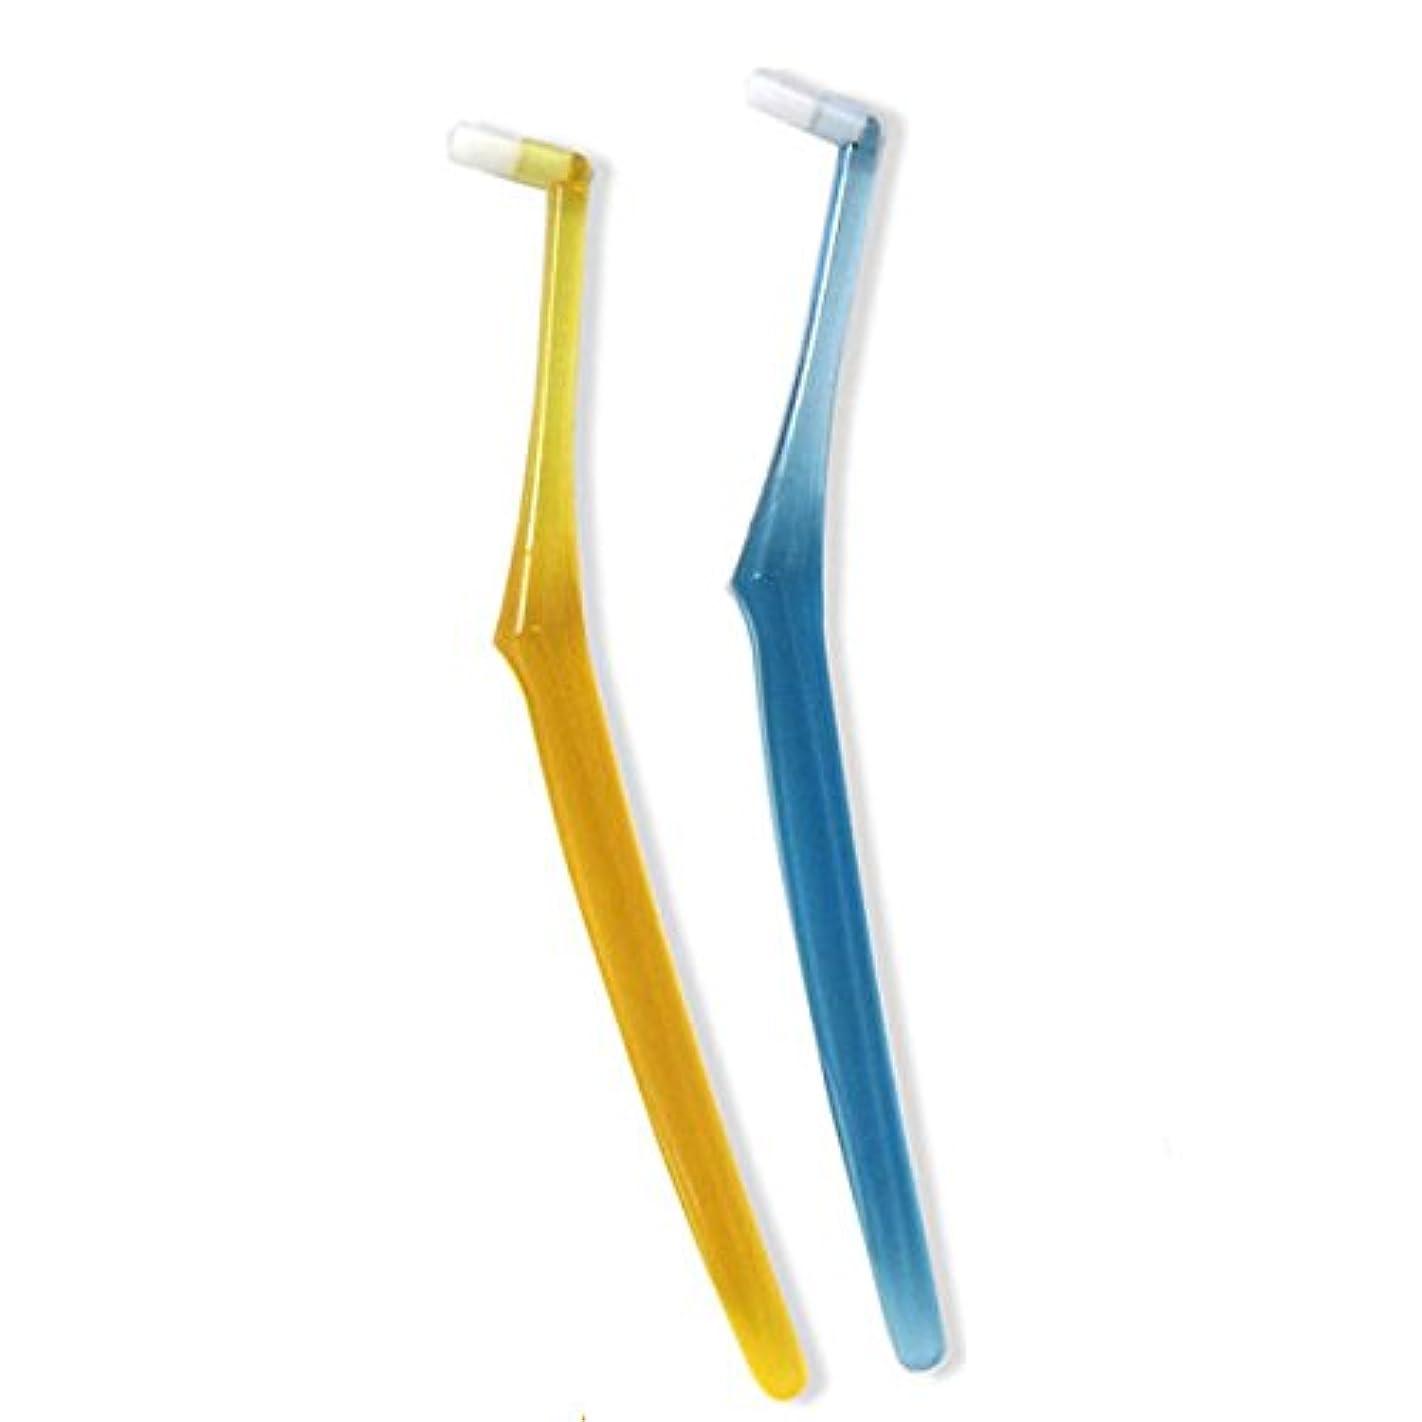 セットアップ直立マッサージワンタフト インプロインプラント専用 歯ブラシ 4本セット (S(ソフト))